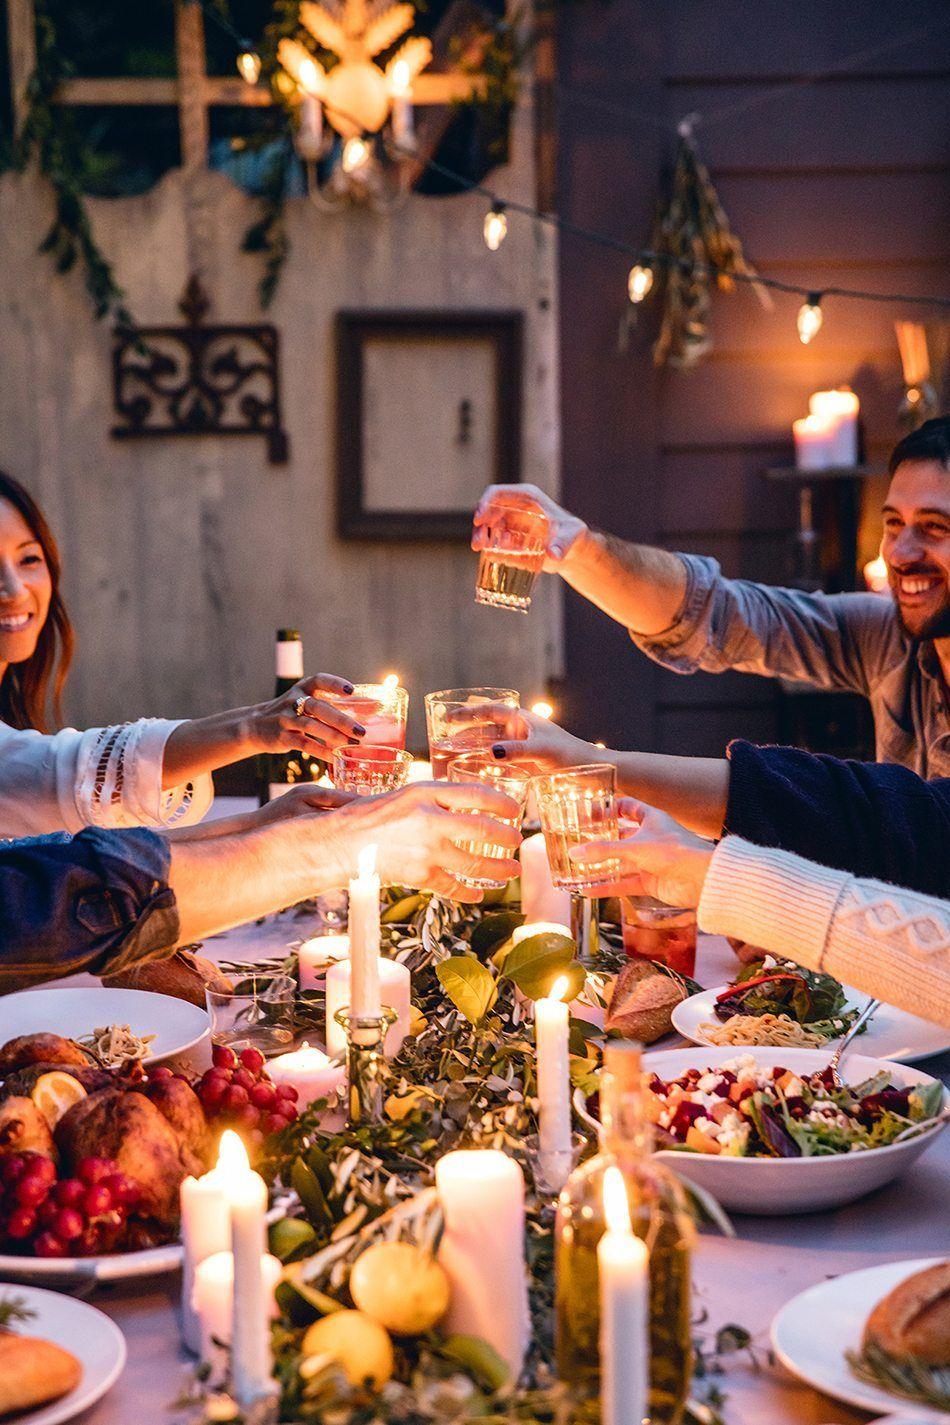 ¿Una noche especial en casa? 101 Park House te envía la cena